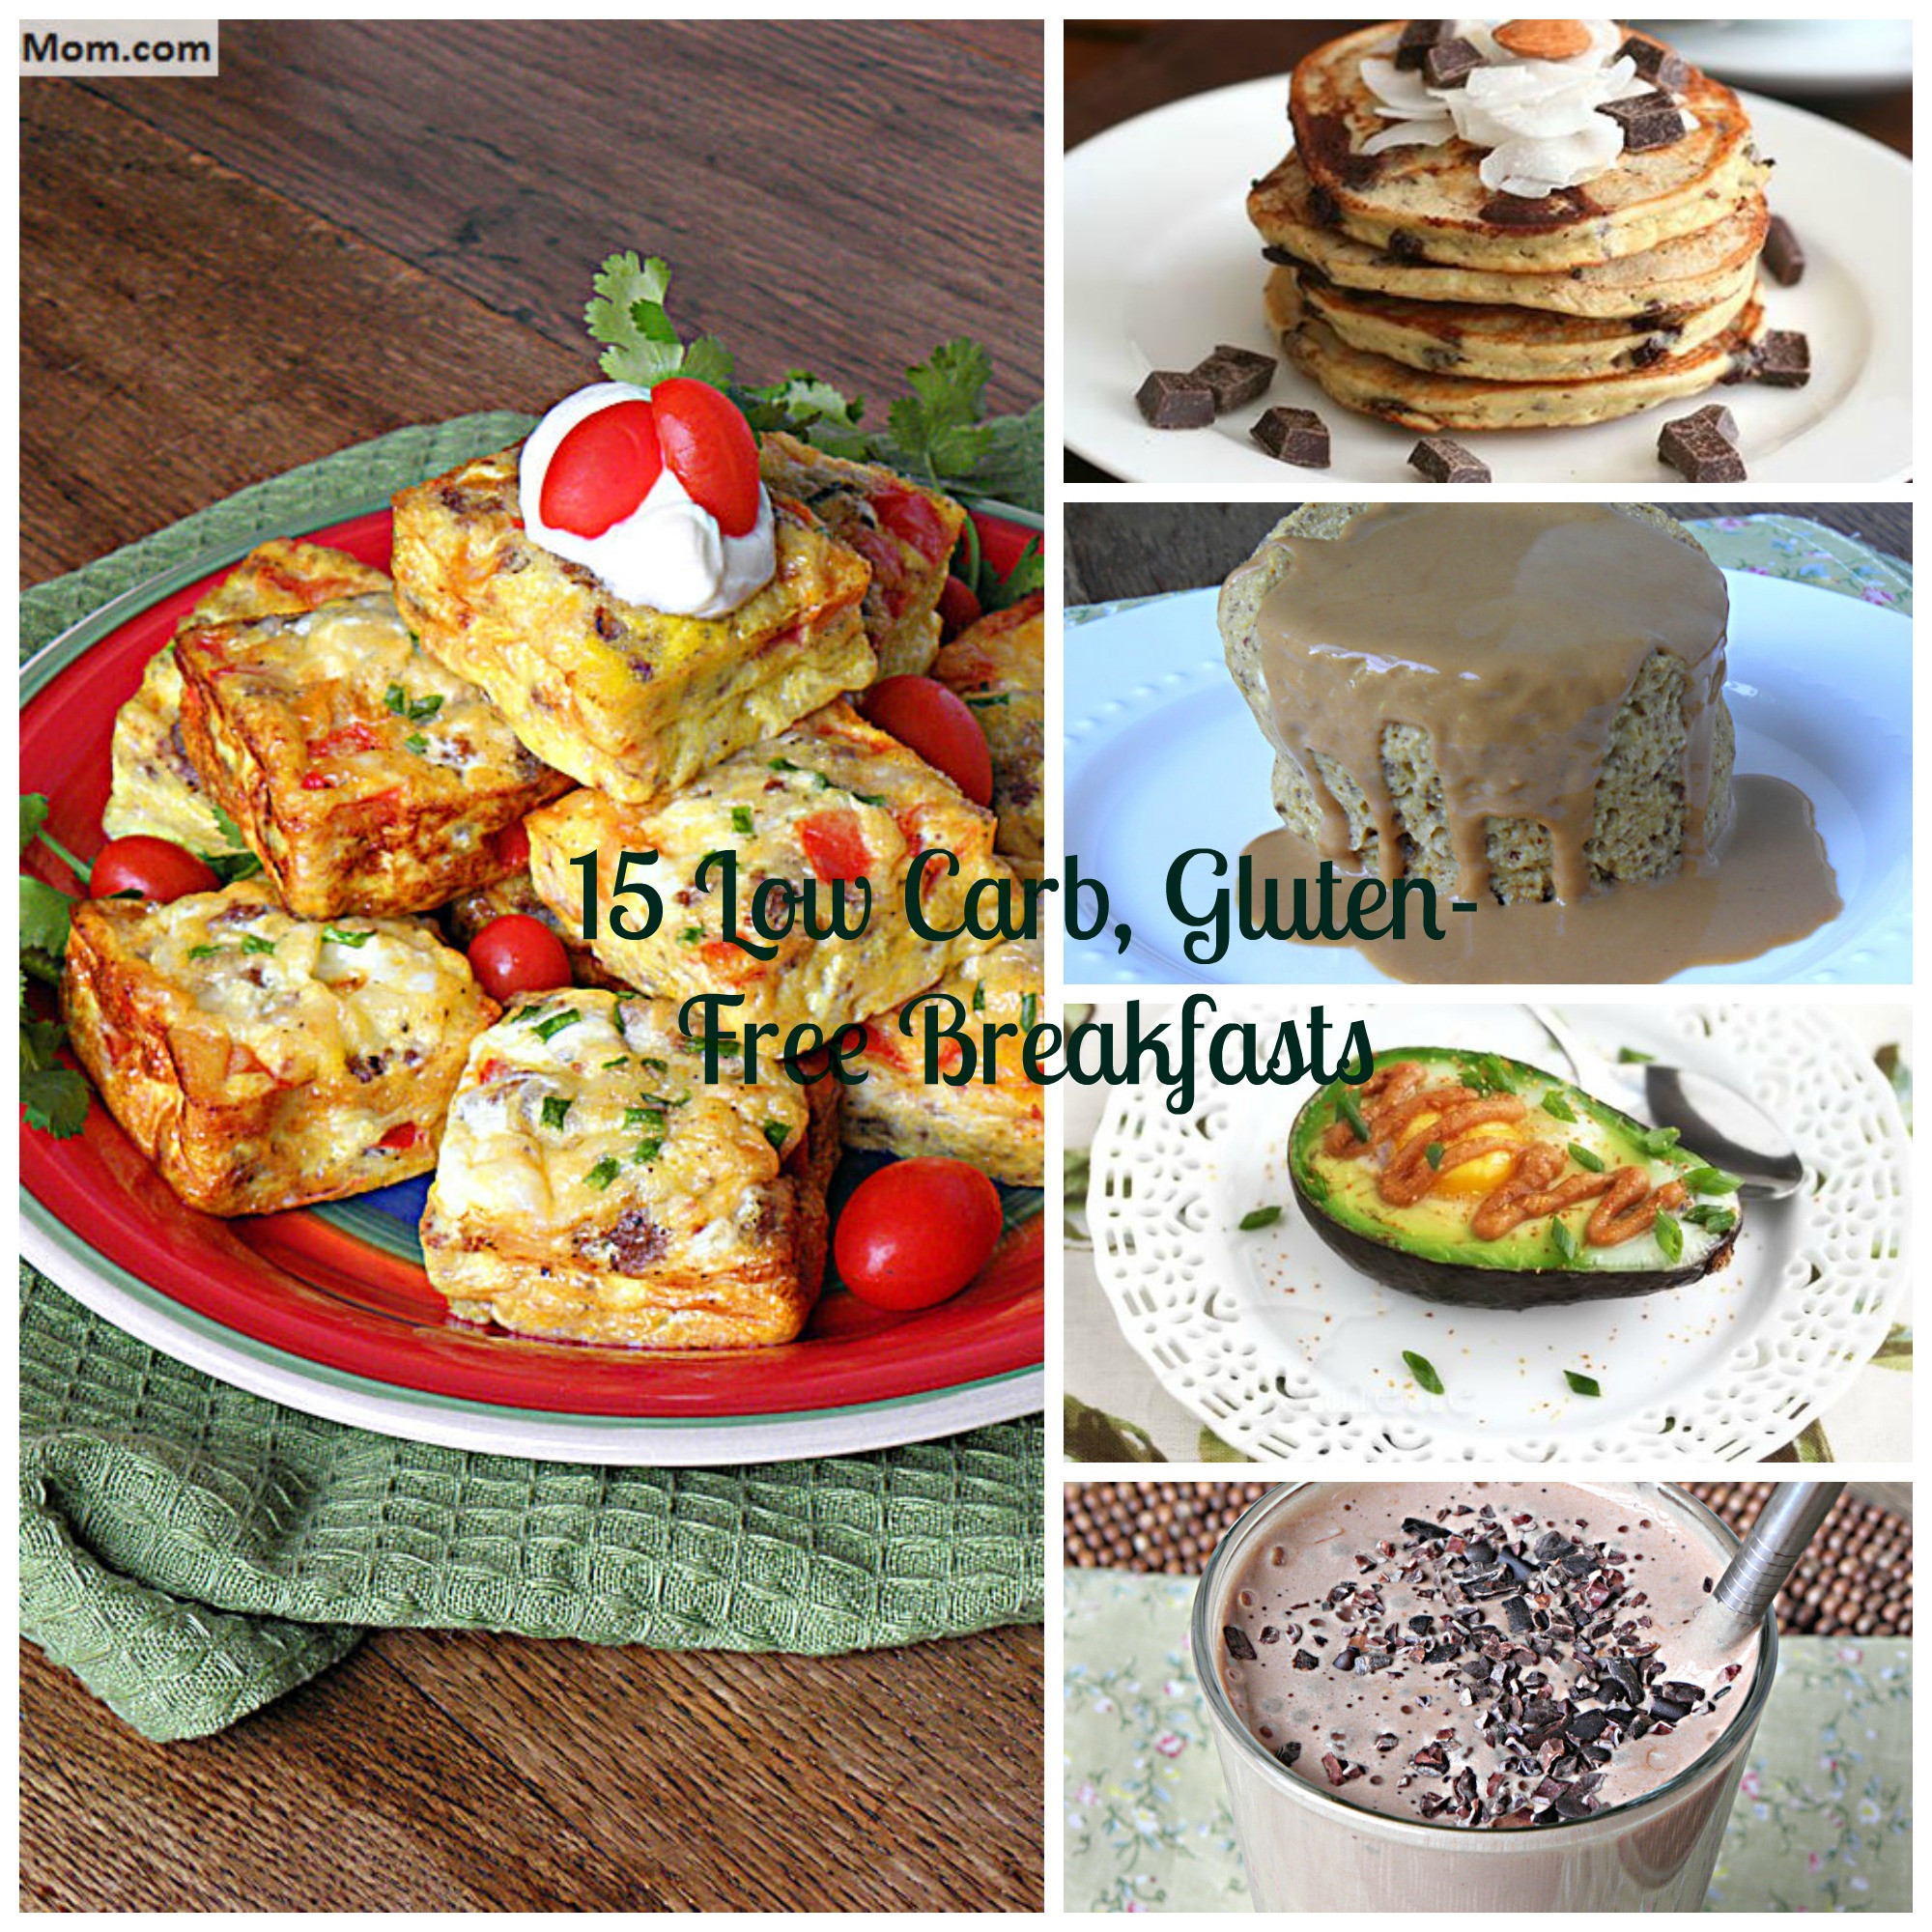 Diabetic Brunch Recipes  15 Gluten Free Low Carb & Diabetic Friendly Breakfast Recipes